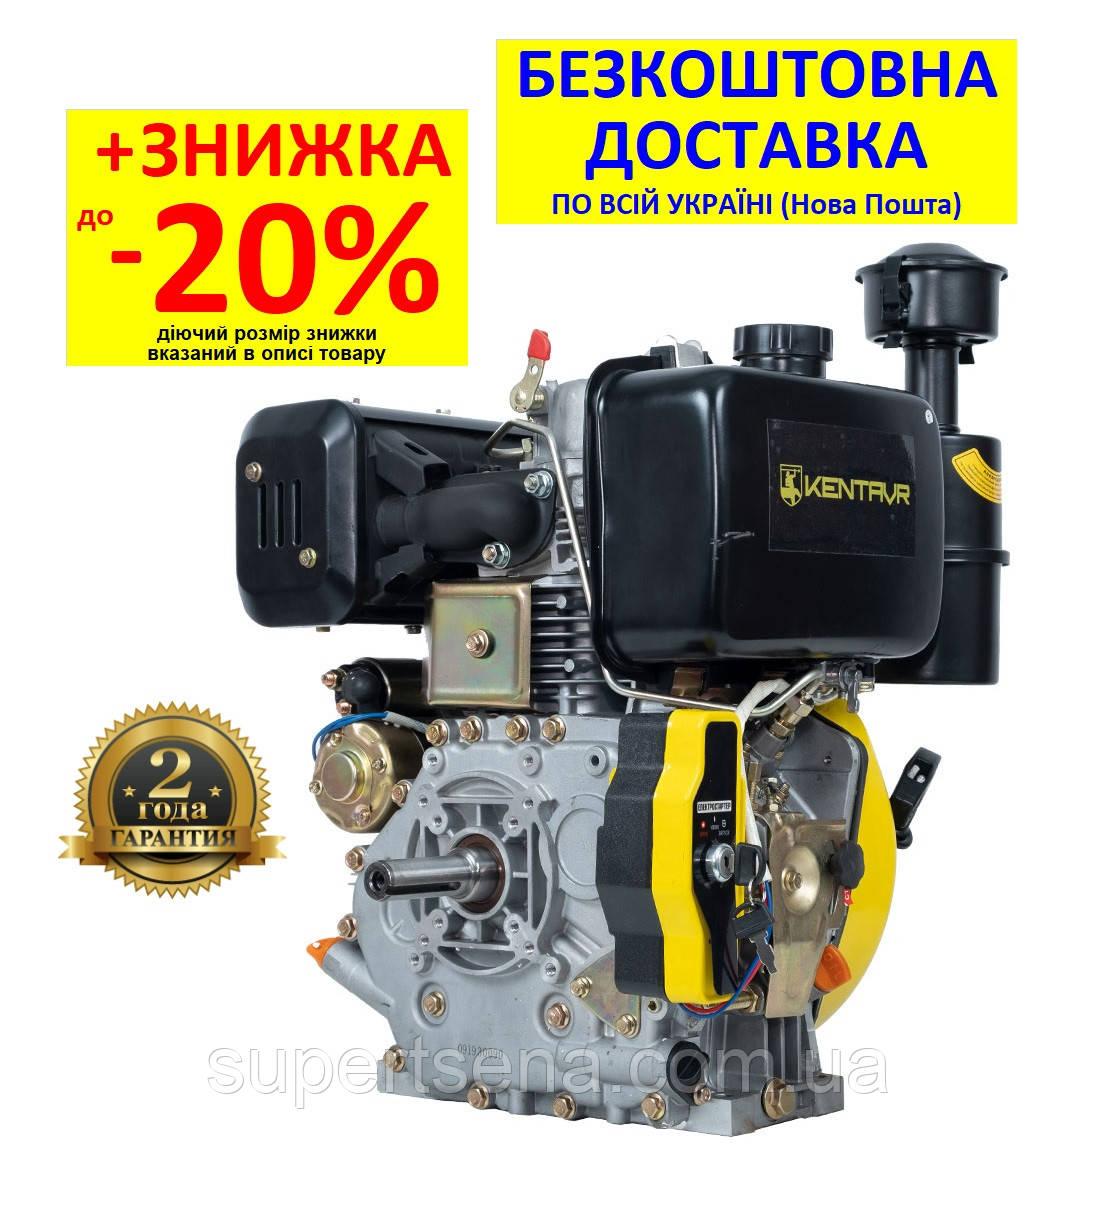 Двигатель ДВУ-420ДЕ (10,0 л.с.) +БЕСПЛАТНАЯ ДОСТАВКА! дизельный шпоночный с электростартером КЕНТАВР ДВЗ-420ДЕ